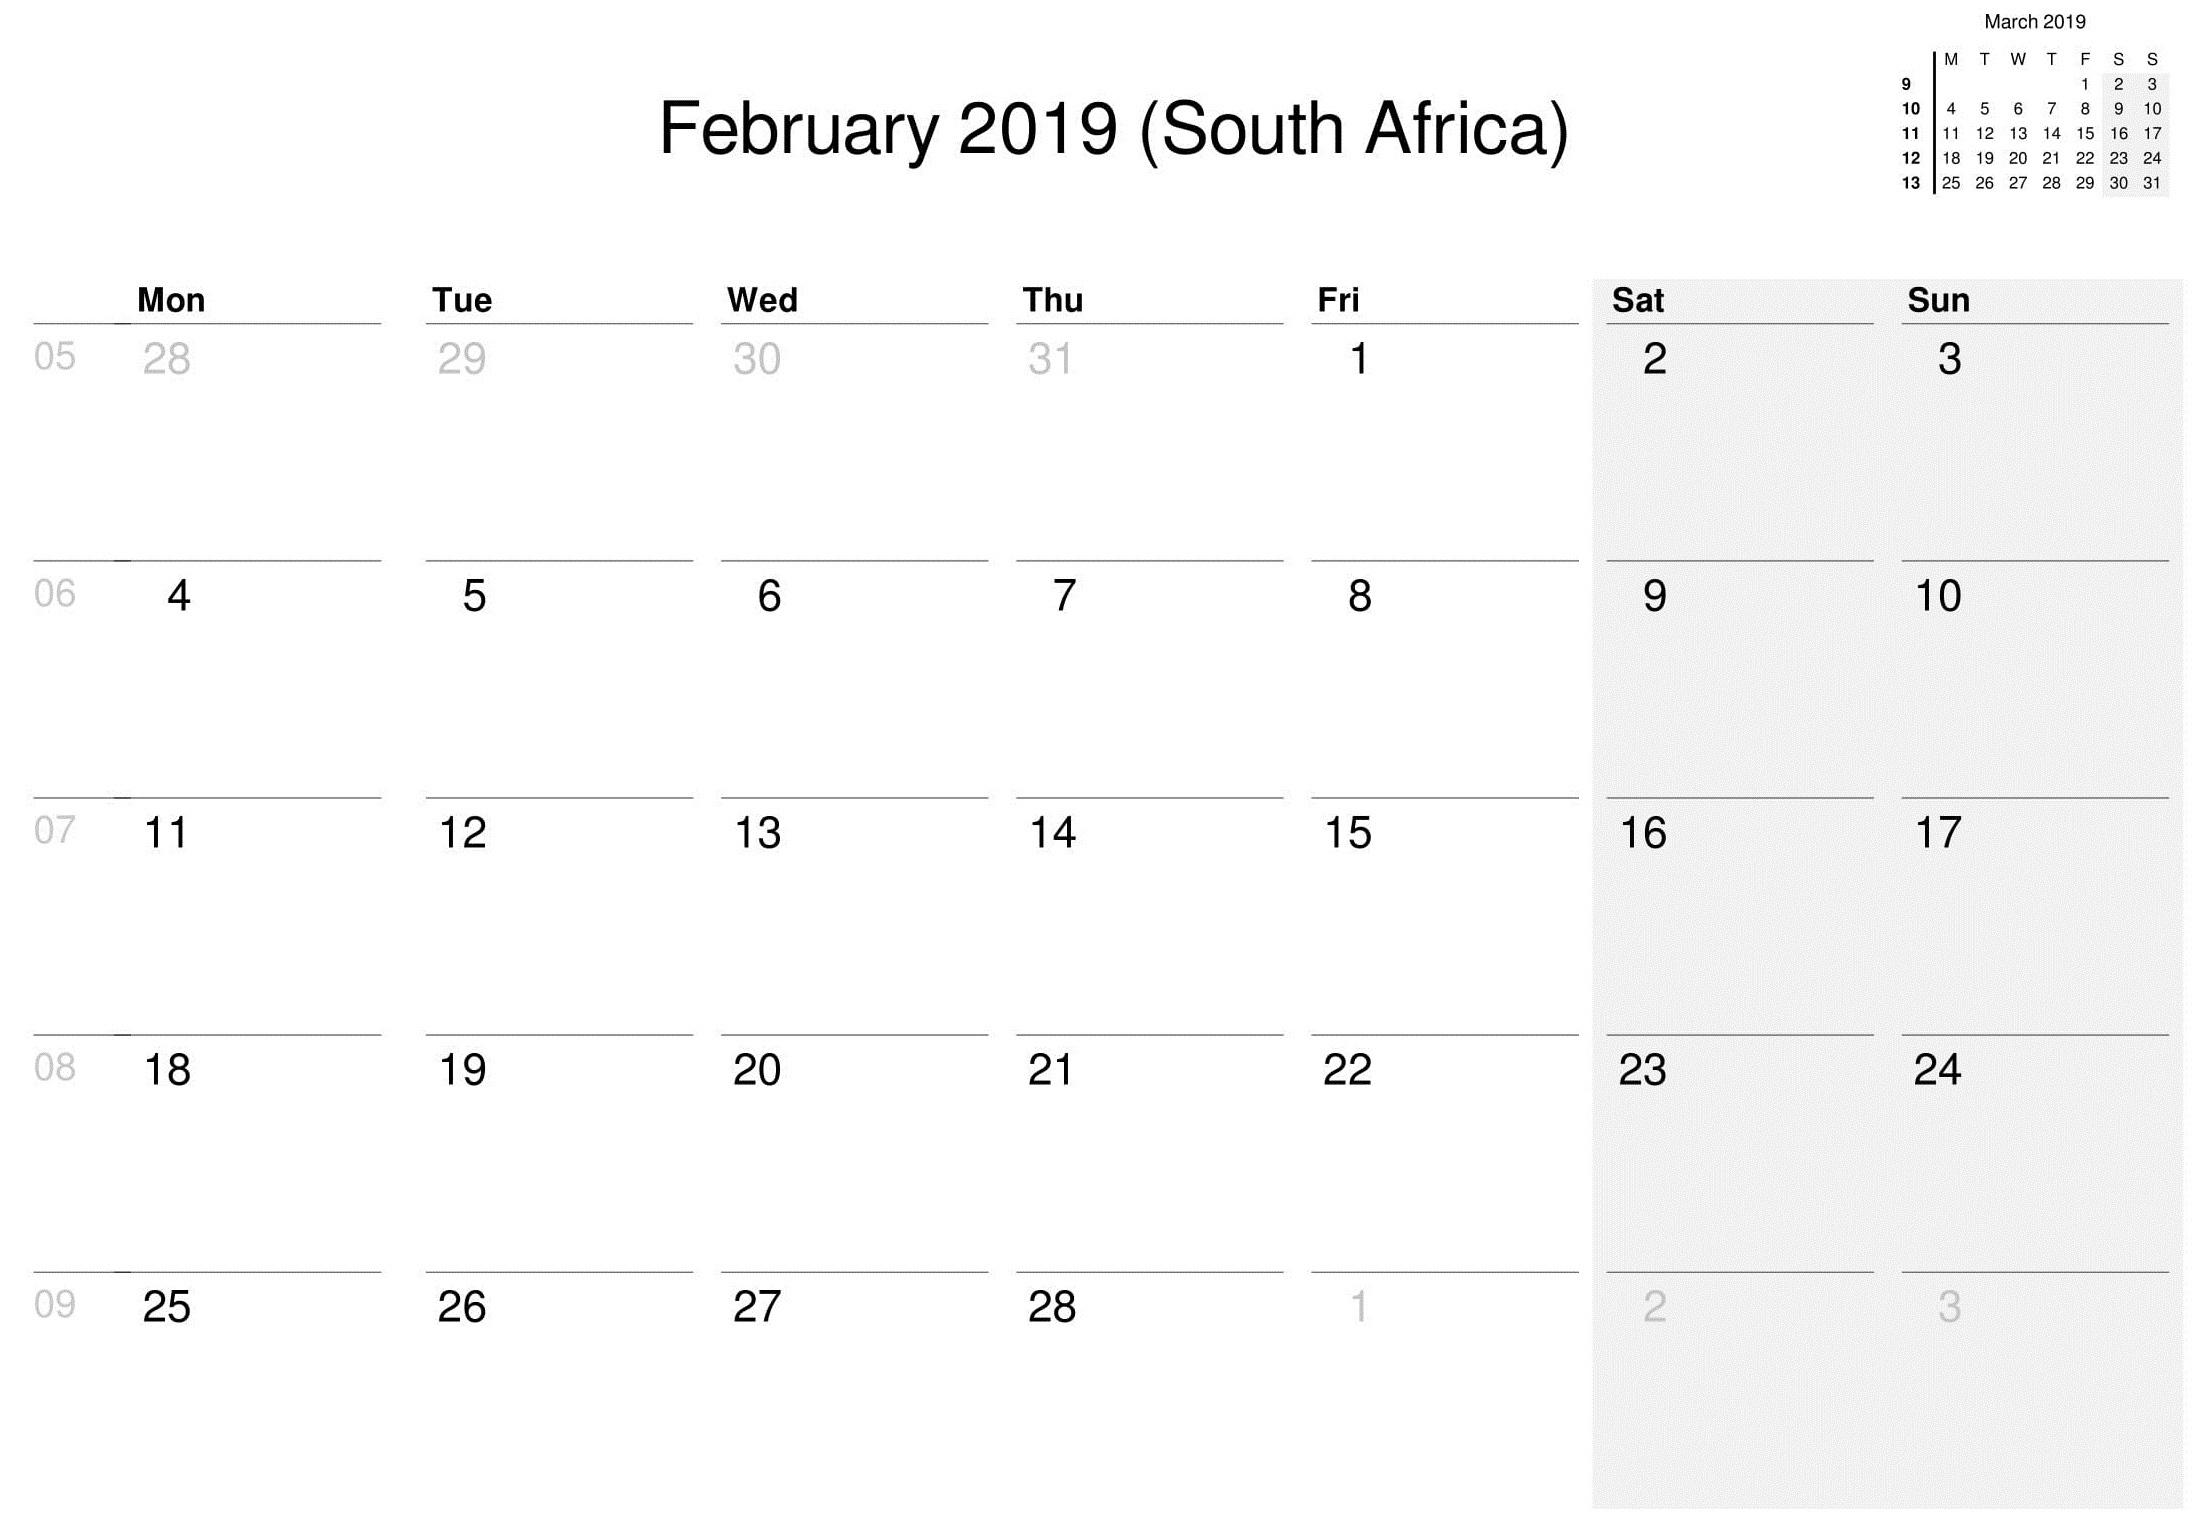 February 2019 Calendar South Africa - Colona.rsd7 Printable Desk Calender South Africa